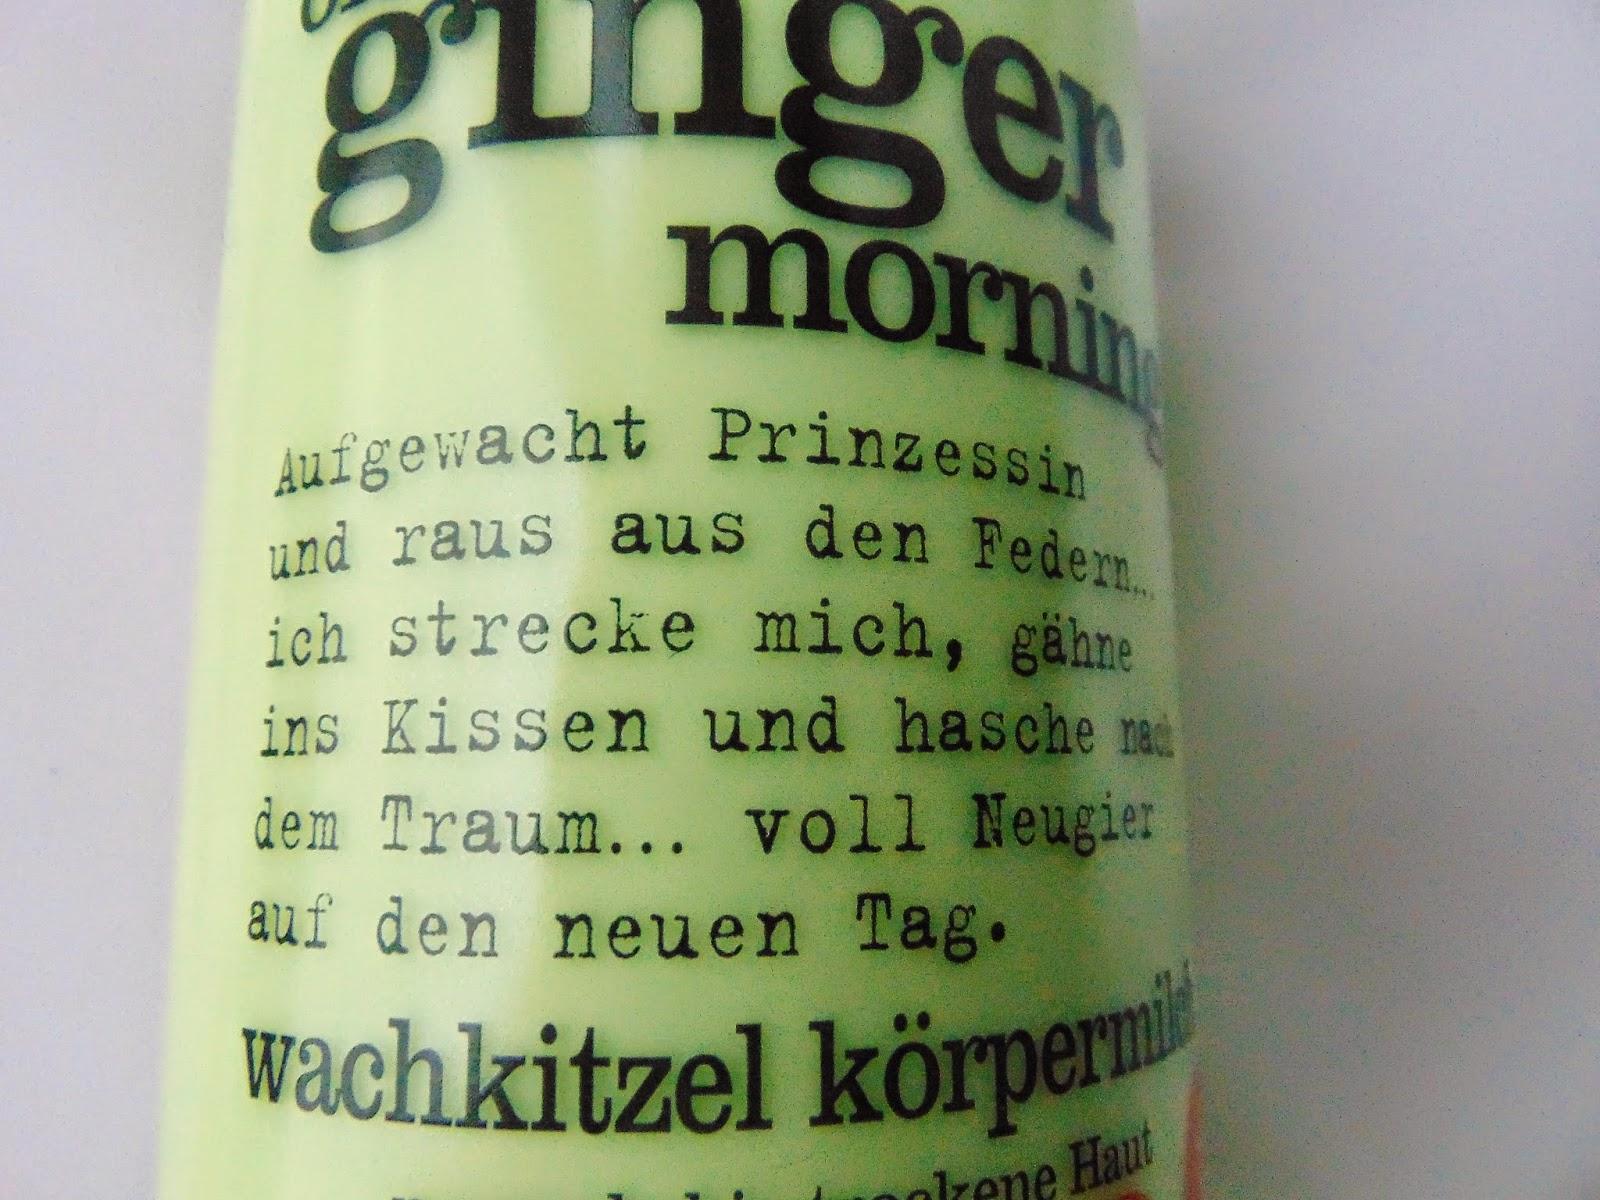 Treaclemoon Körpermilch Ginger - www.annitschkasblog.de